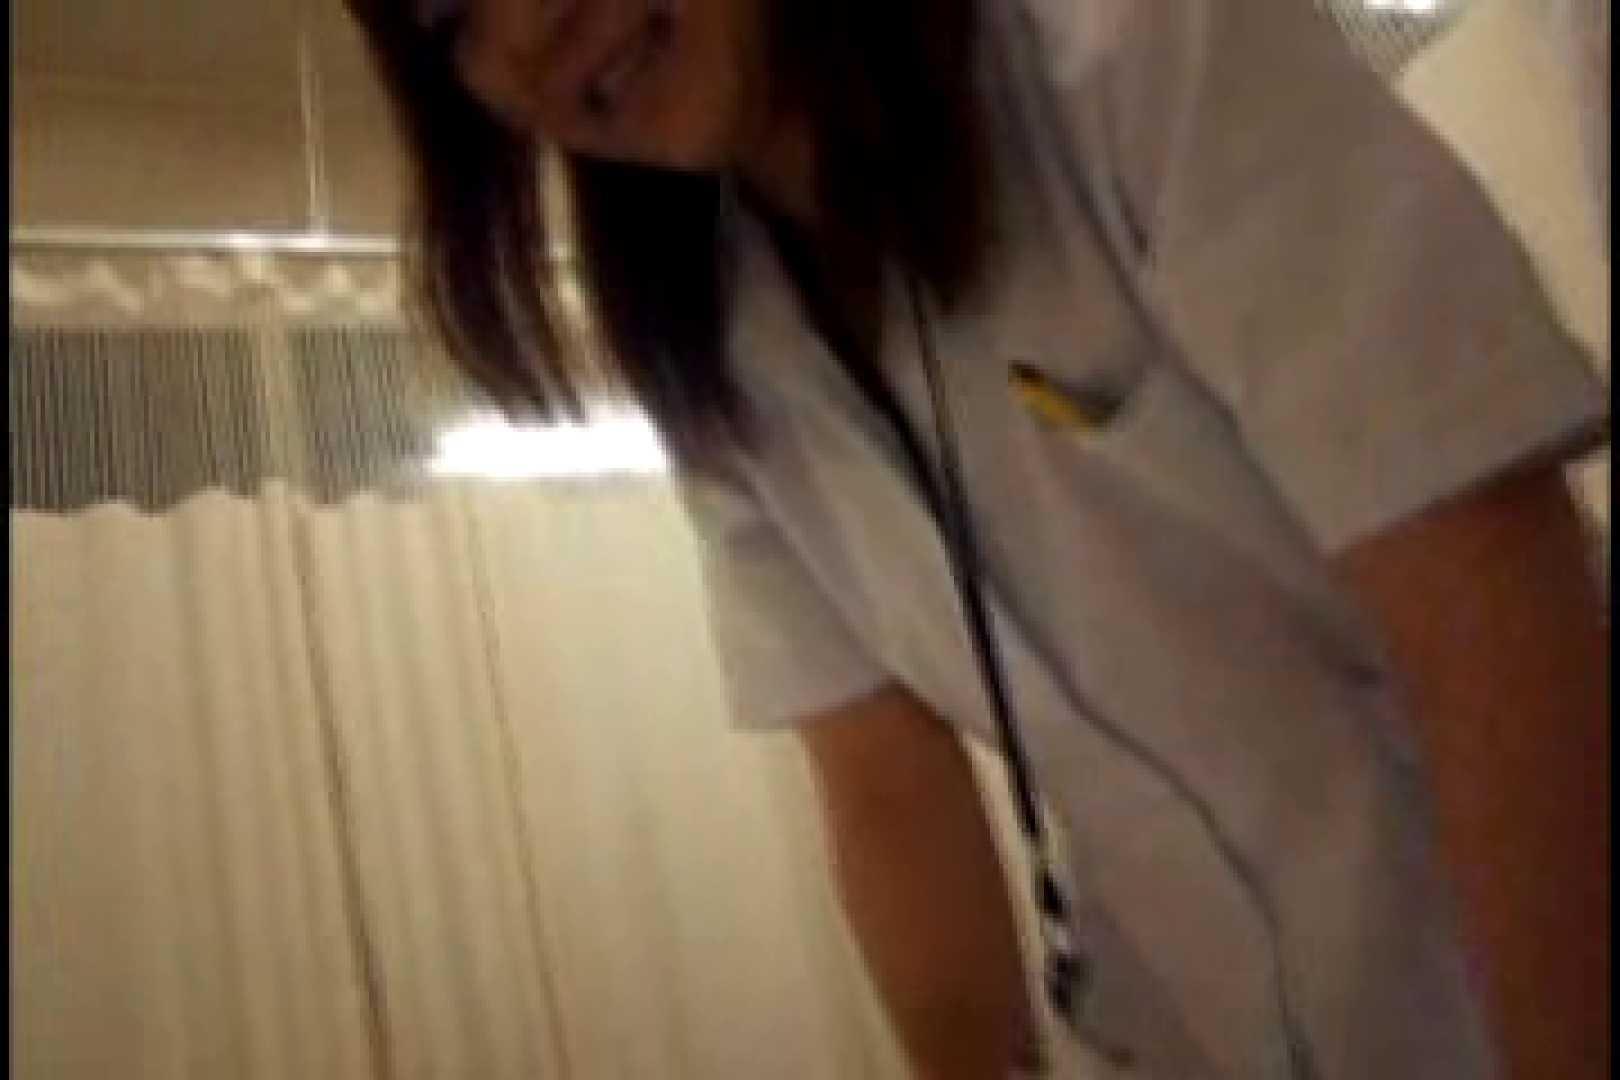 ヤリマンと呼ばれた看護士さんvol1 シックスナイン  98pic 50